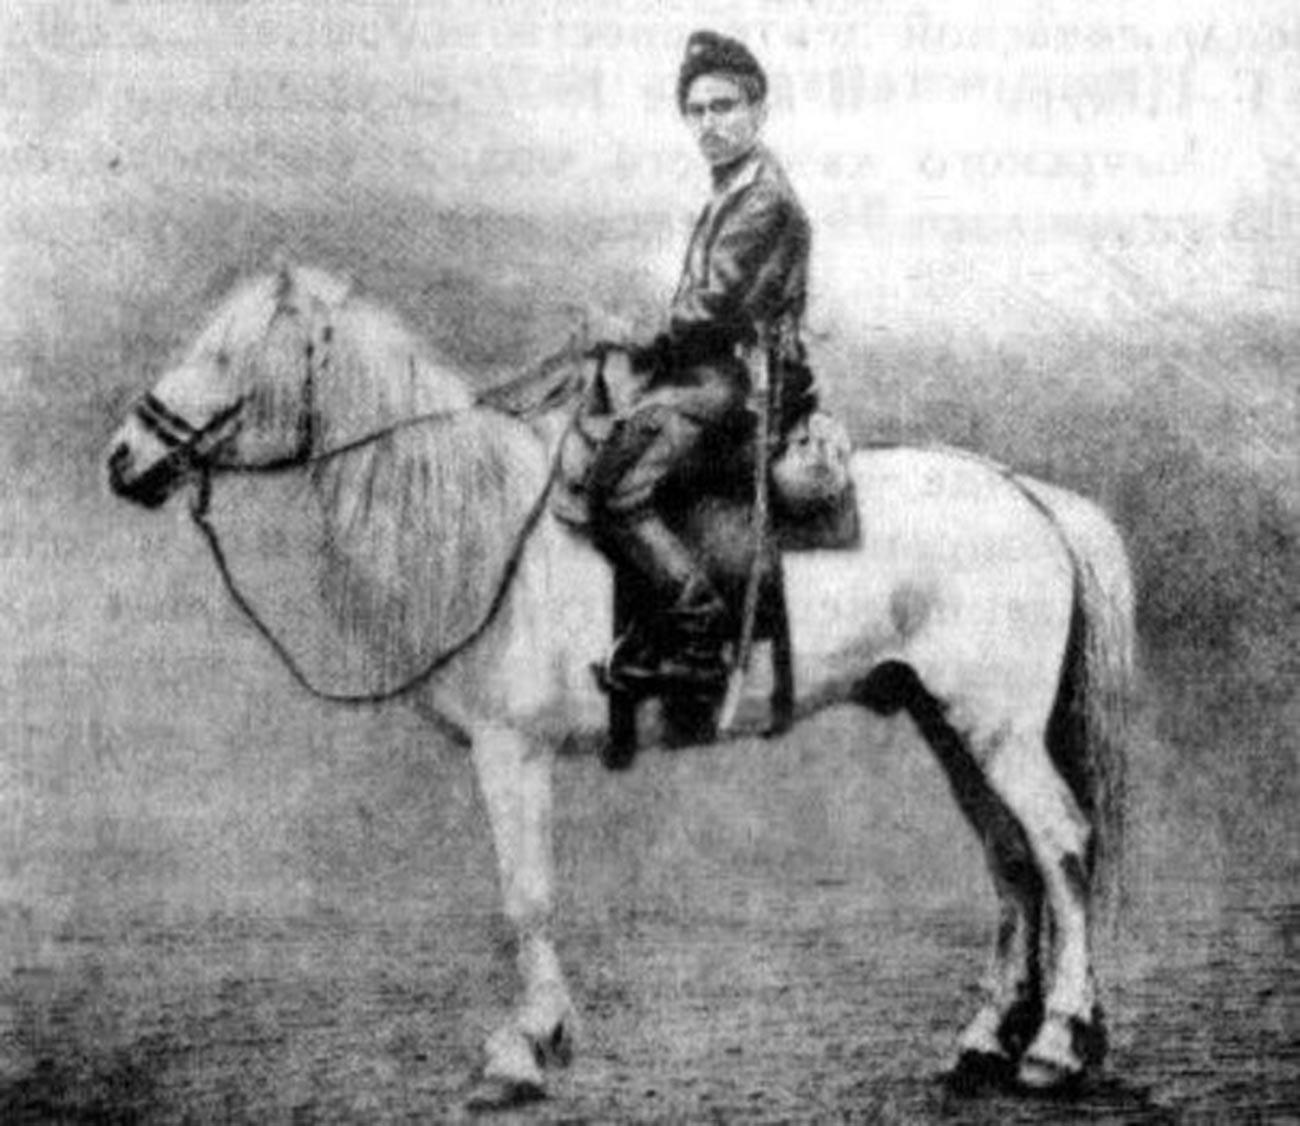 Peshkov on his horse.